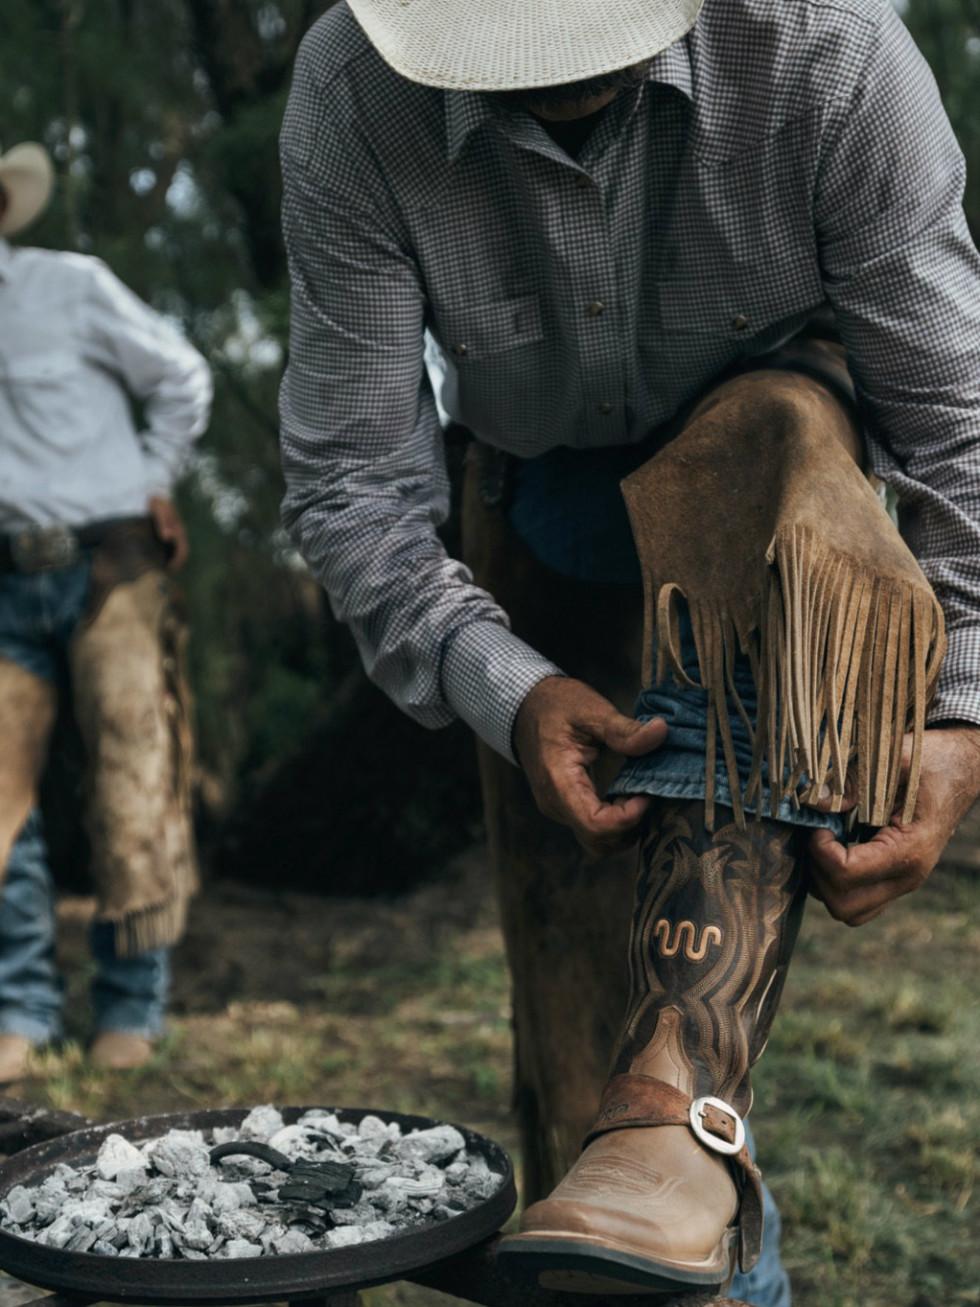 King Ranch cowboy boots